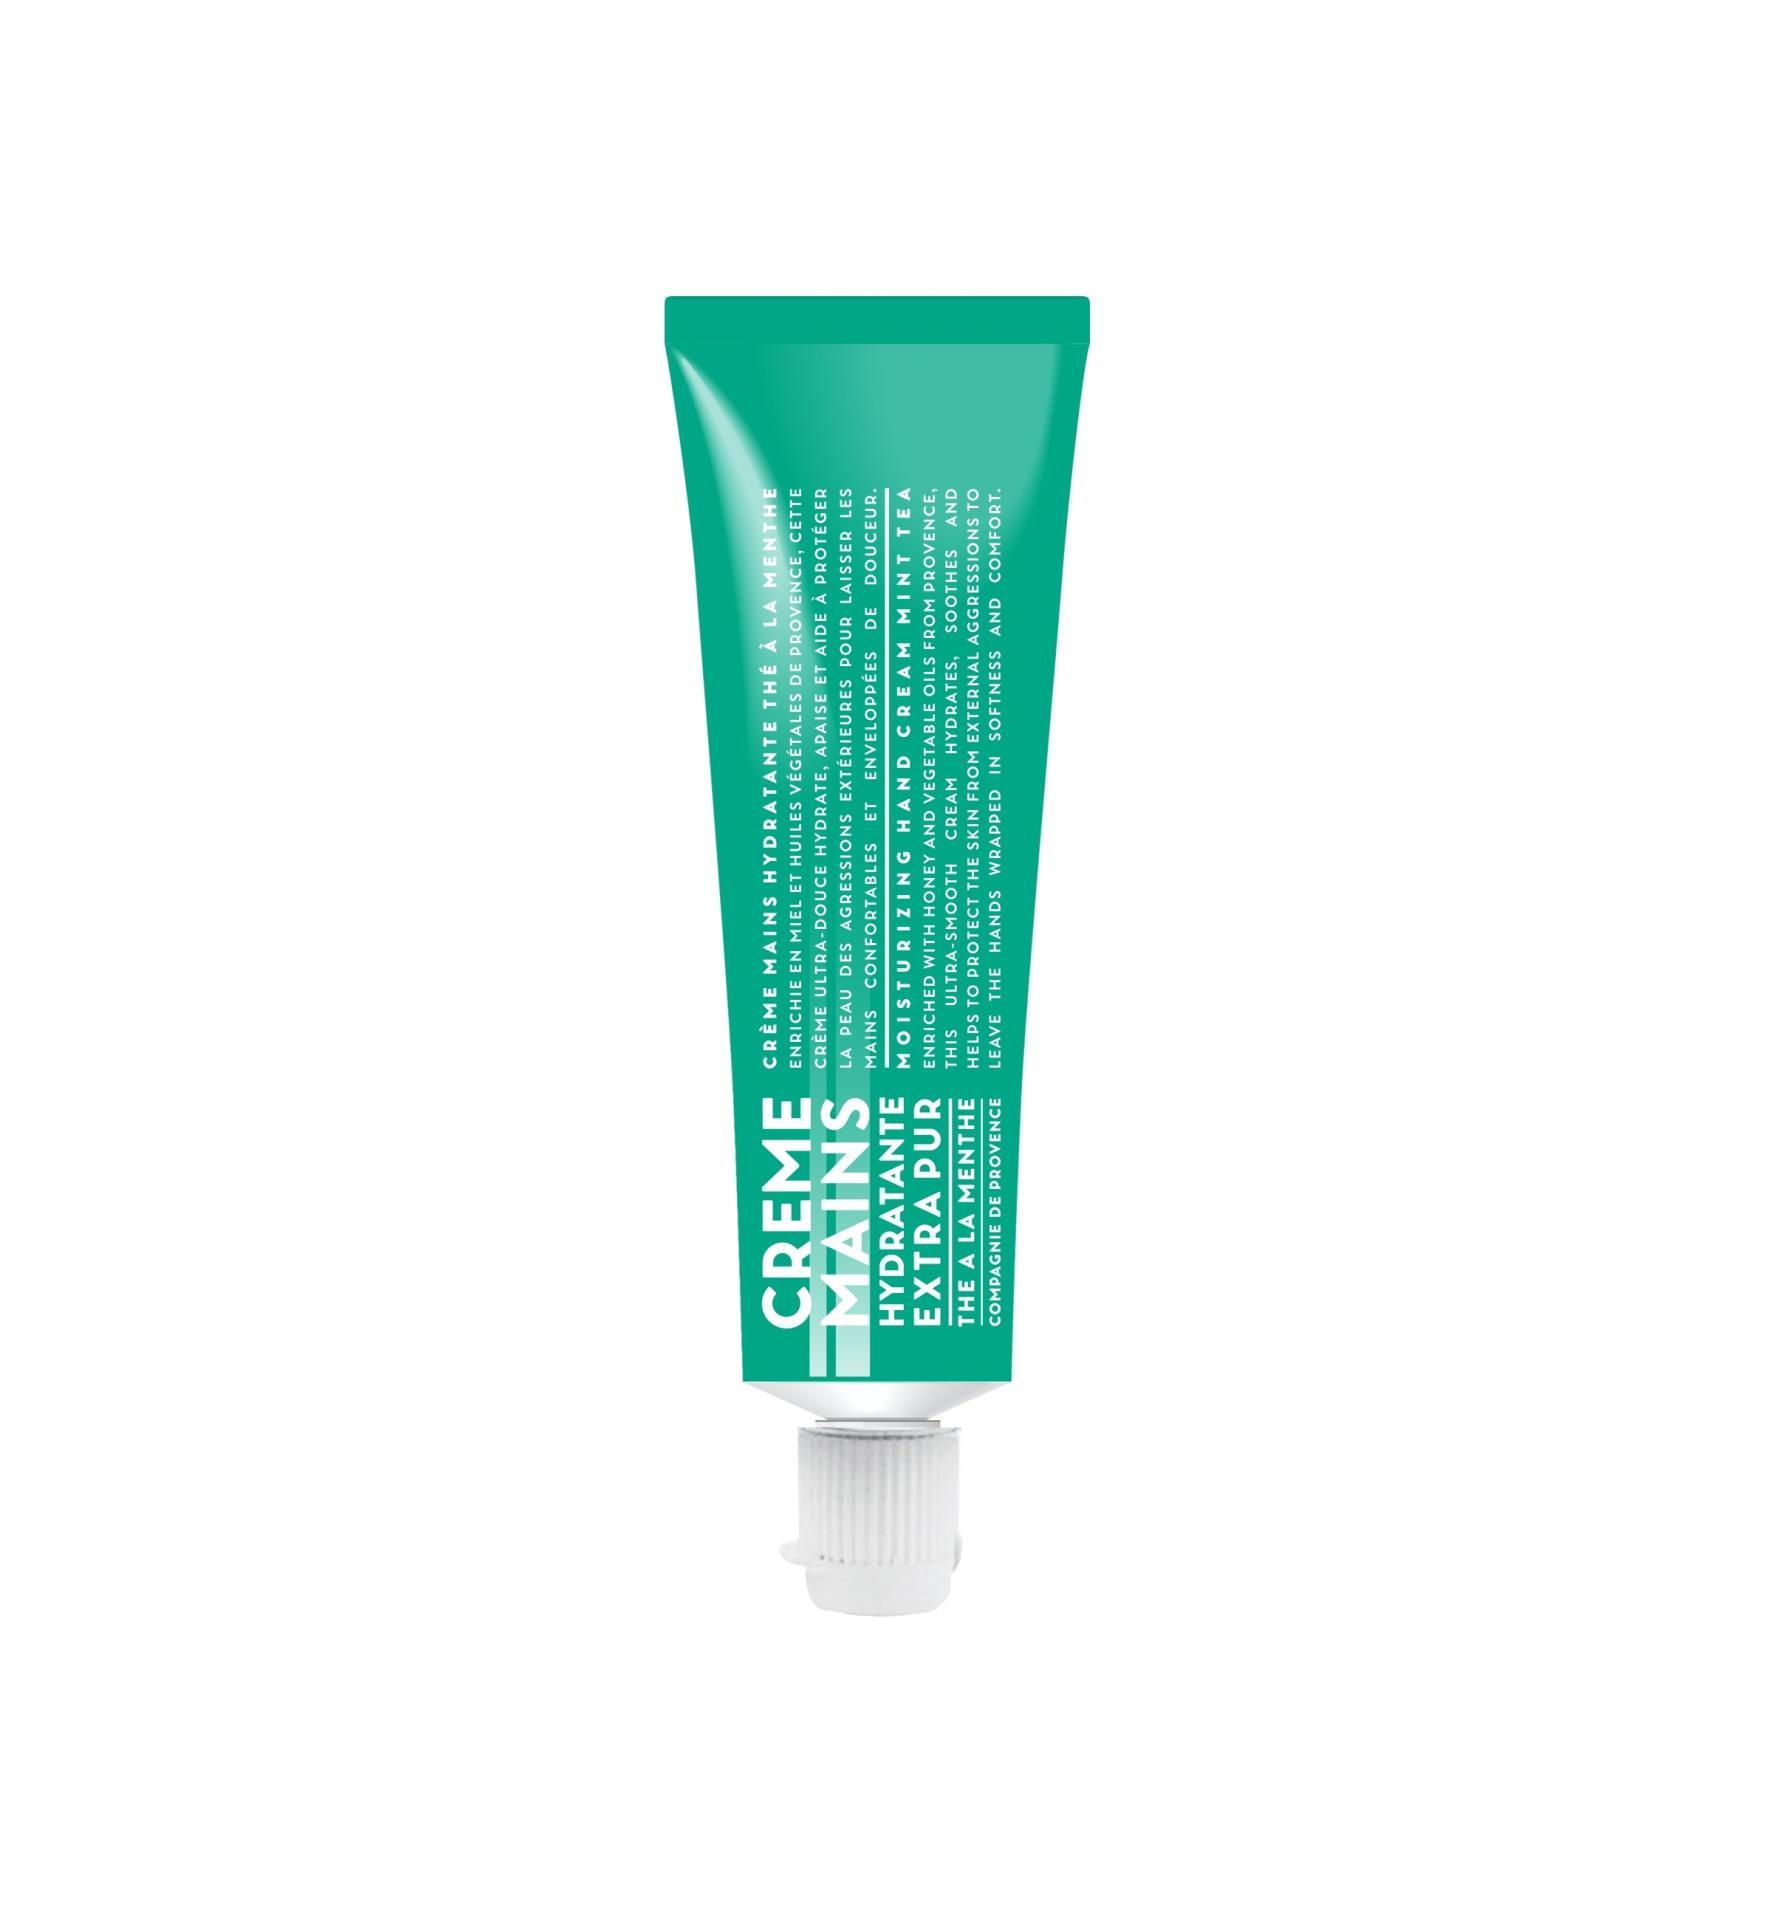 COMPAGNIE DE PROVENCE Mini krém na ruce Mátový čaj 30 ml, zelená barva, plast